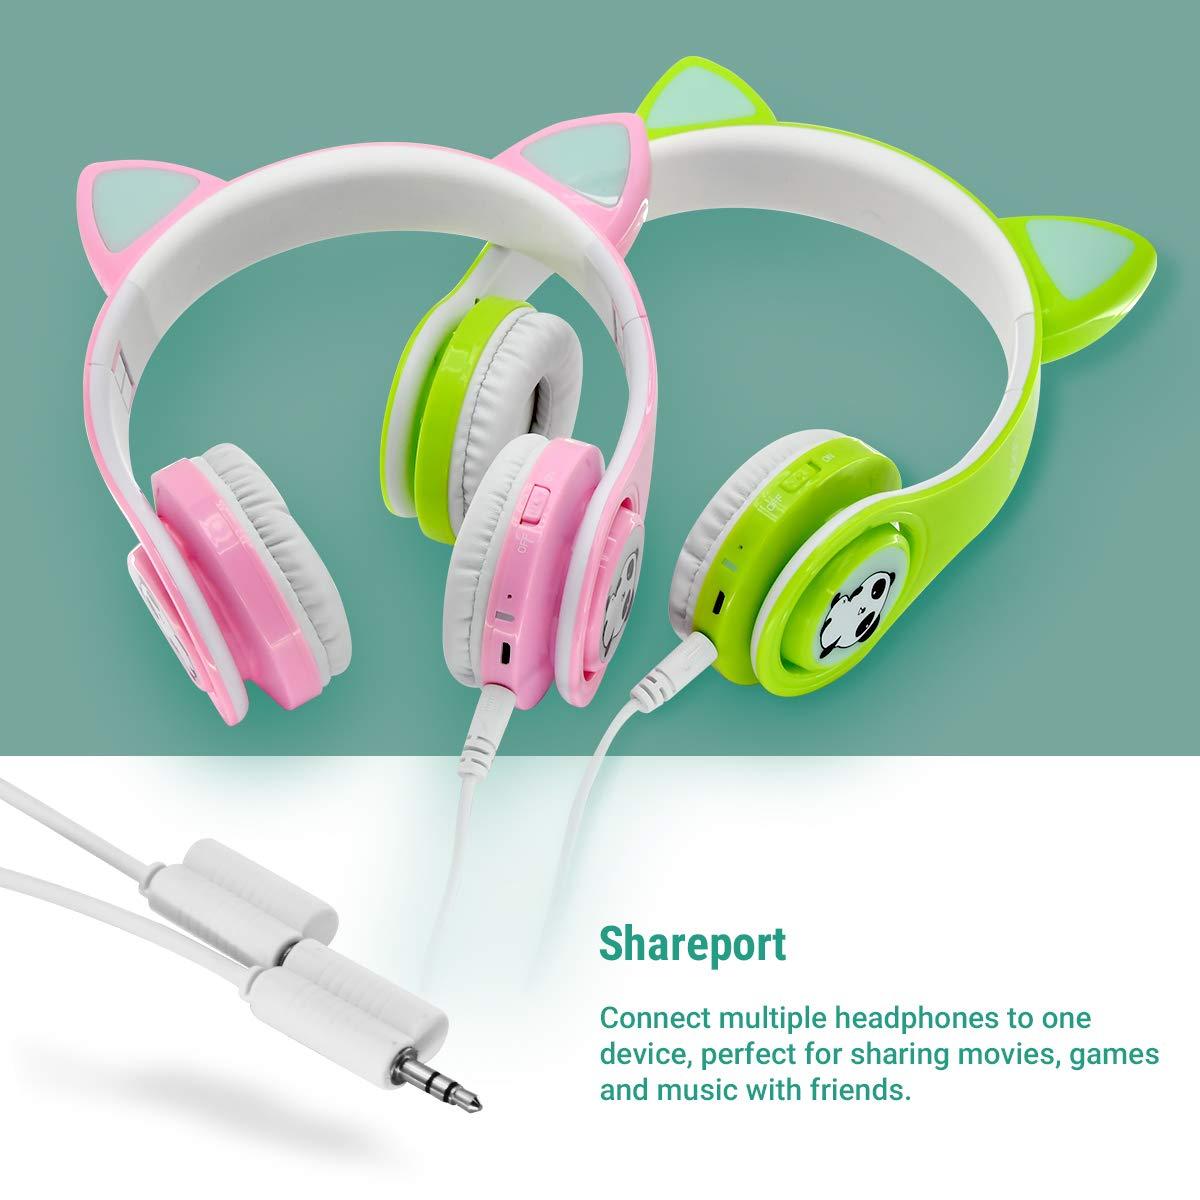 Kabellose Bluetooth Kopfh/örer f/ür Kinder Jugendliche ab 2 Mit LED Lichter Faltbarer Kindersicherheit Lautst/ärkebegrenzung Over Ear HiFi Stereo Kopfh/örer mit Micphone f/ür M/ädchen Jungen Gr/ün